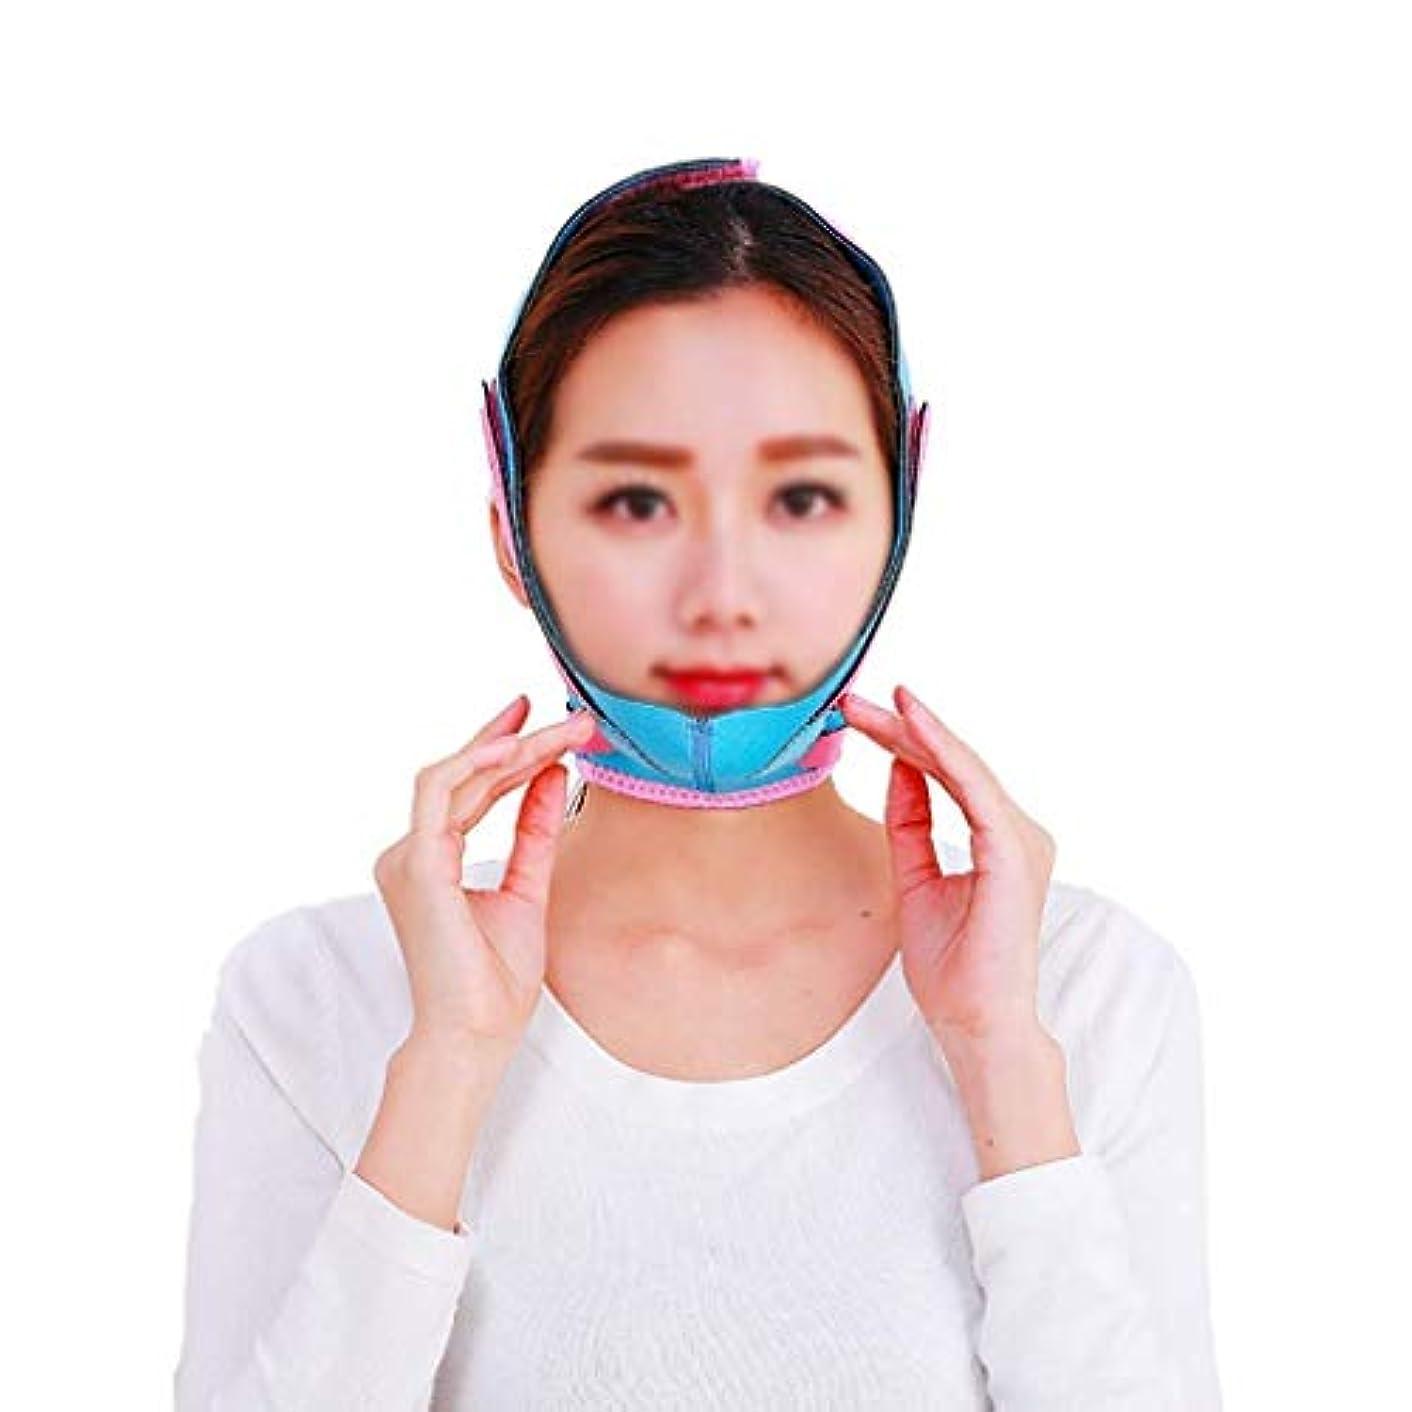 つぼみ借りるヘロイン顔と首のリフト、男性と女性のフェイスリフトアーティファクトシュリンクマスクを強化輪郭の救済ドループ筋肉引き締め肌弾性V顔包帯